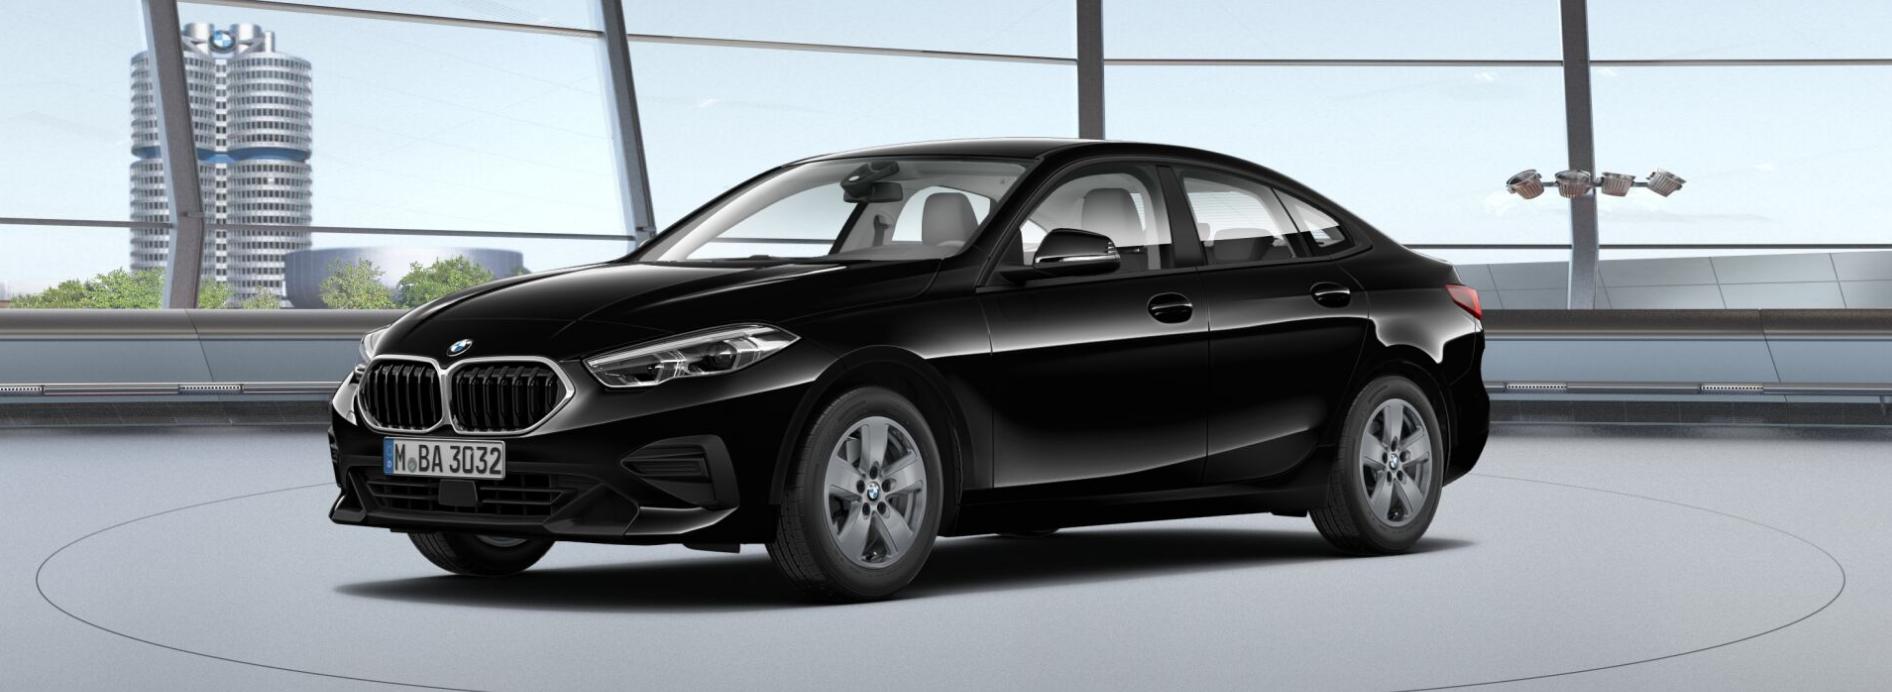 BMW 218d Gran Coupé ab 199,- € mtl. Finanzierungsrate